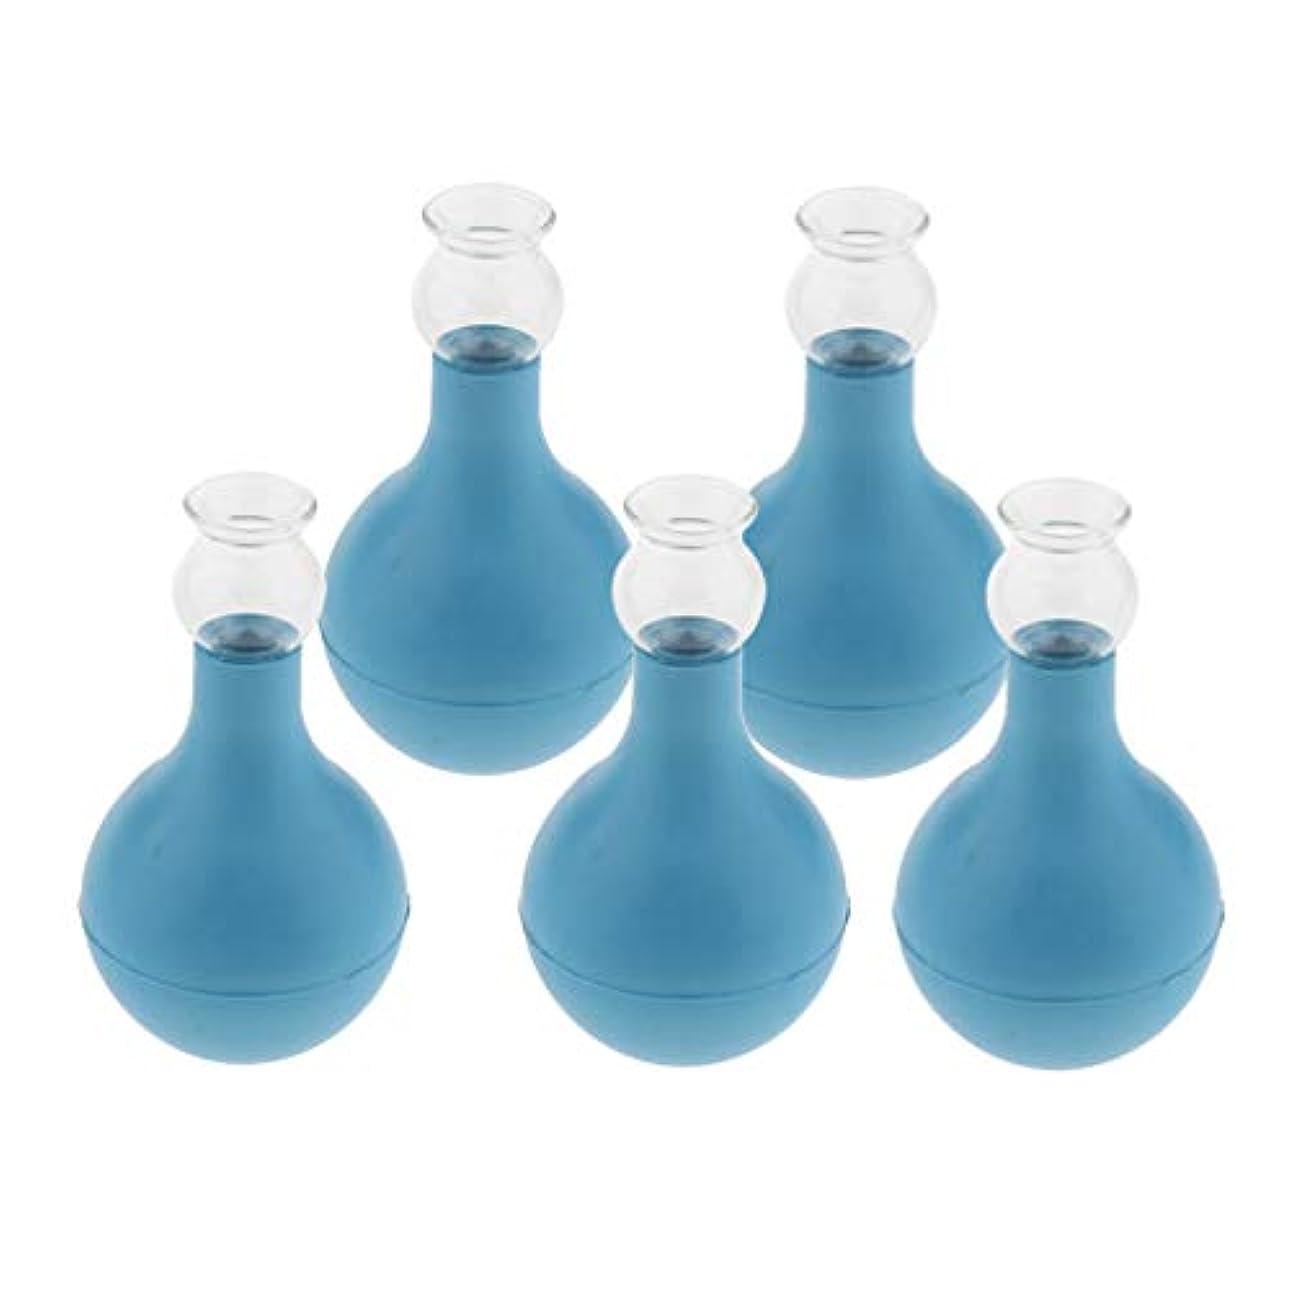 重くする癌塩シリコン ガラス カッピング 吸い玉 5個入り 顔 首 全身用 マッサージ 吸着力 2サイズ選ぶ - ブルー+ブルー3cm, 3cm